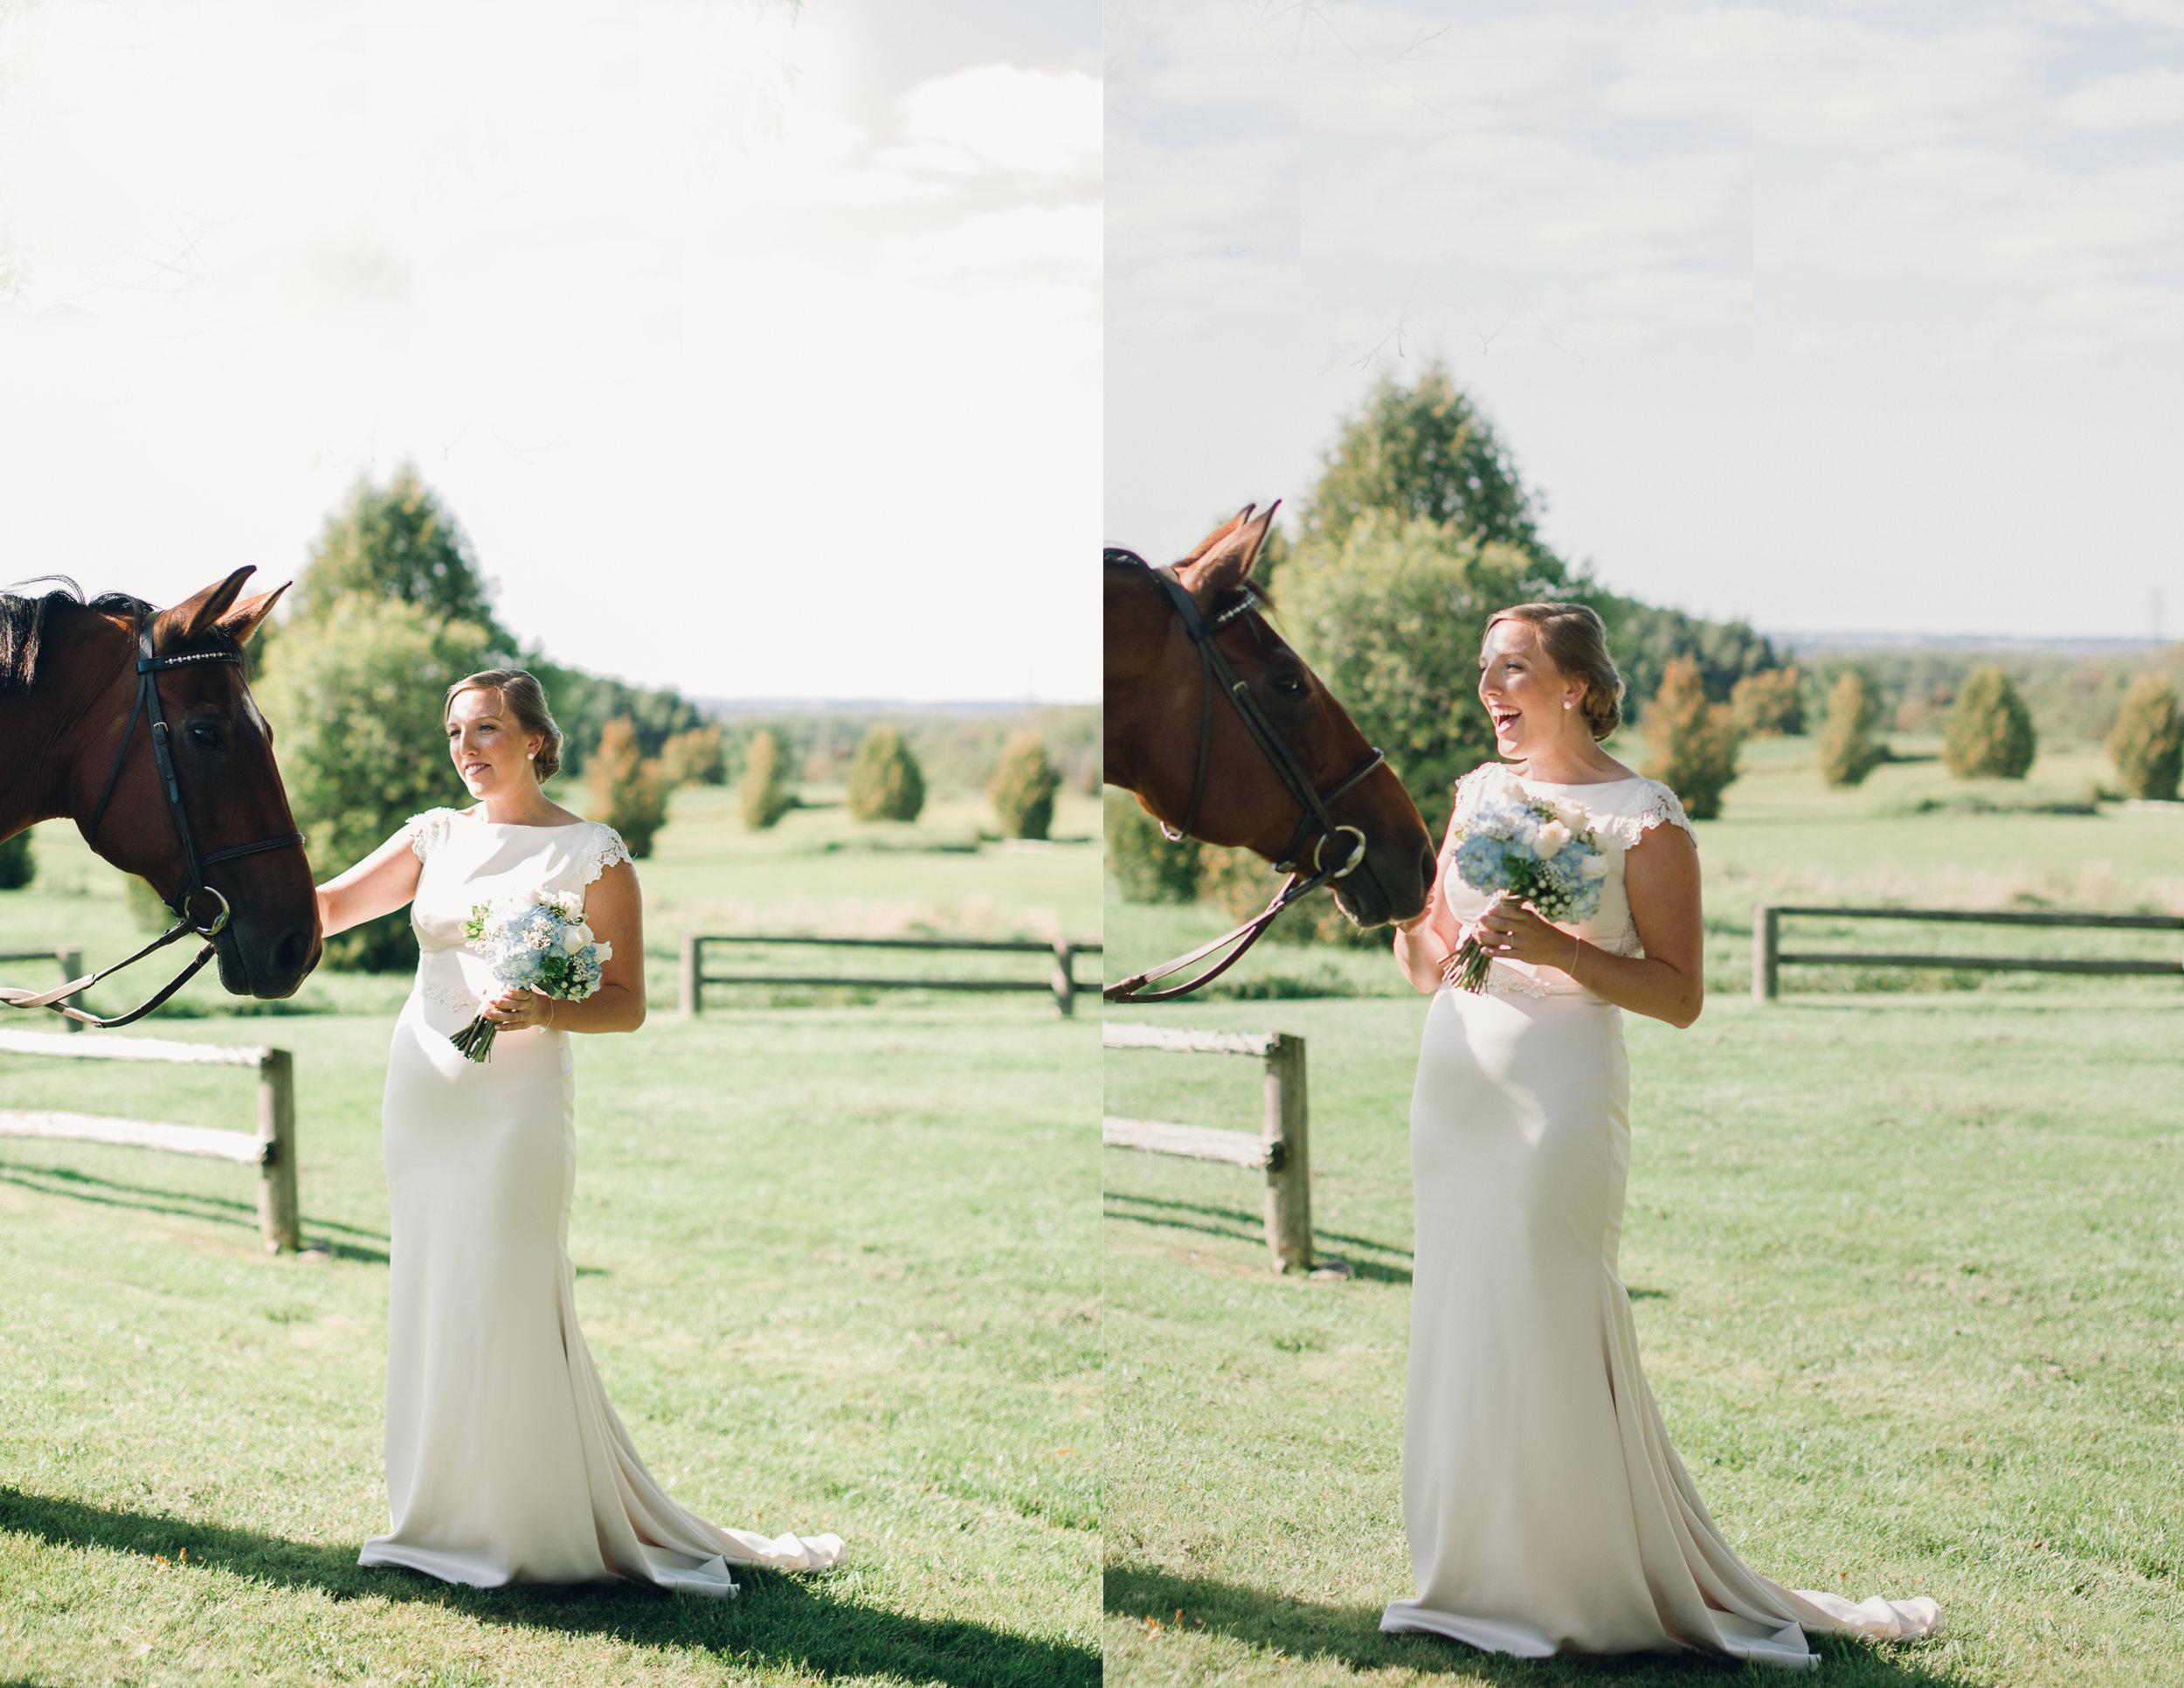 Waterstone_Estate_Equestrian Wedding 2x2_1.jpg